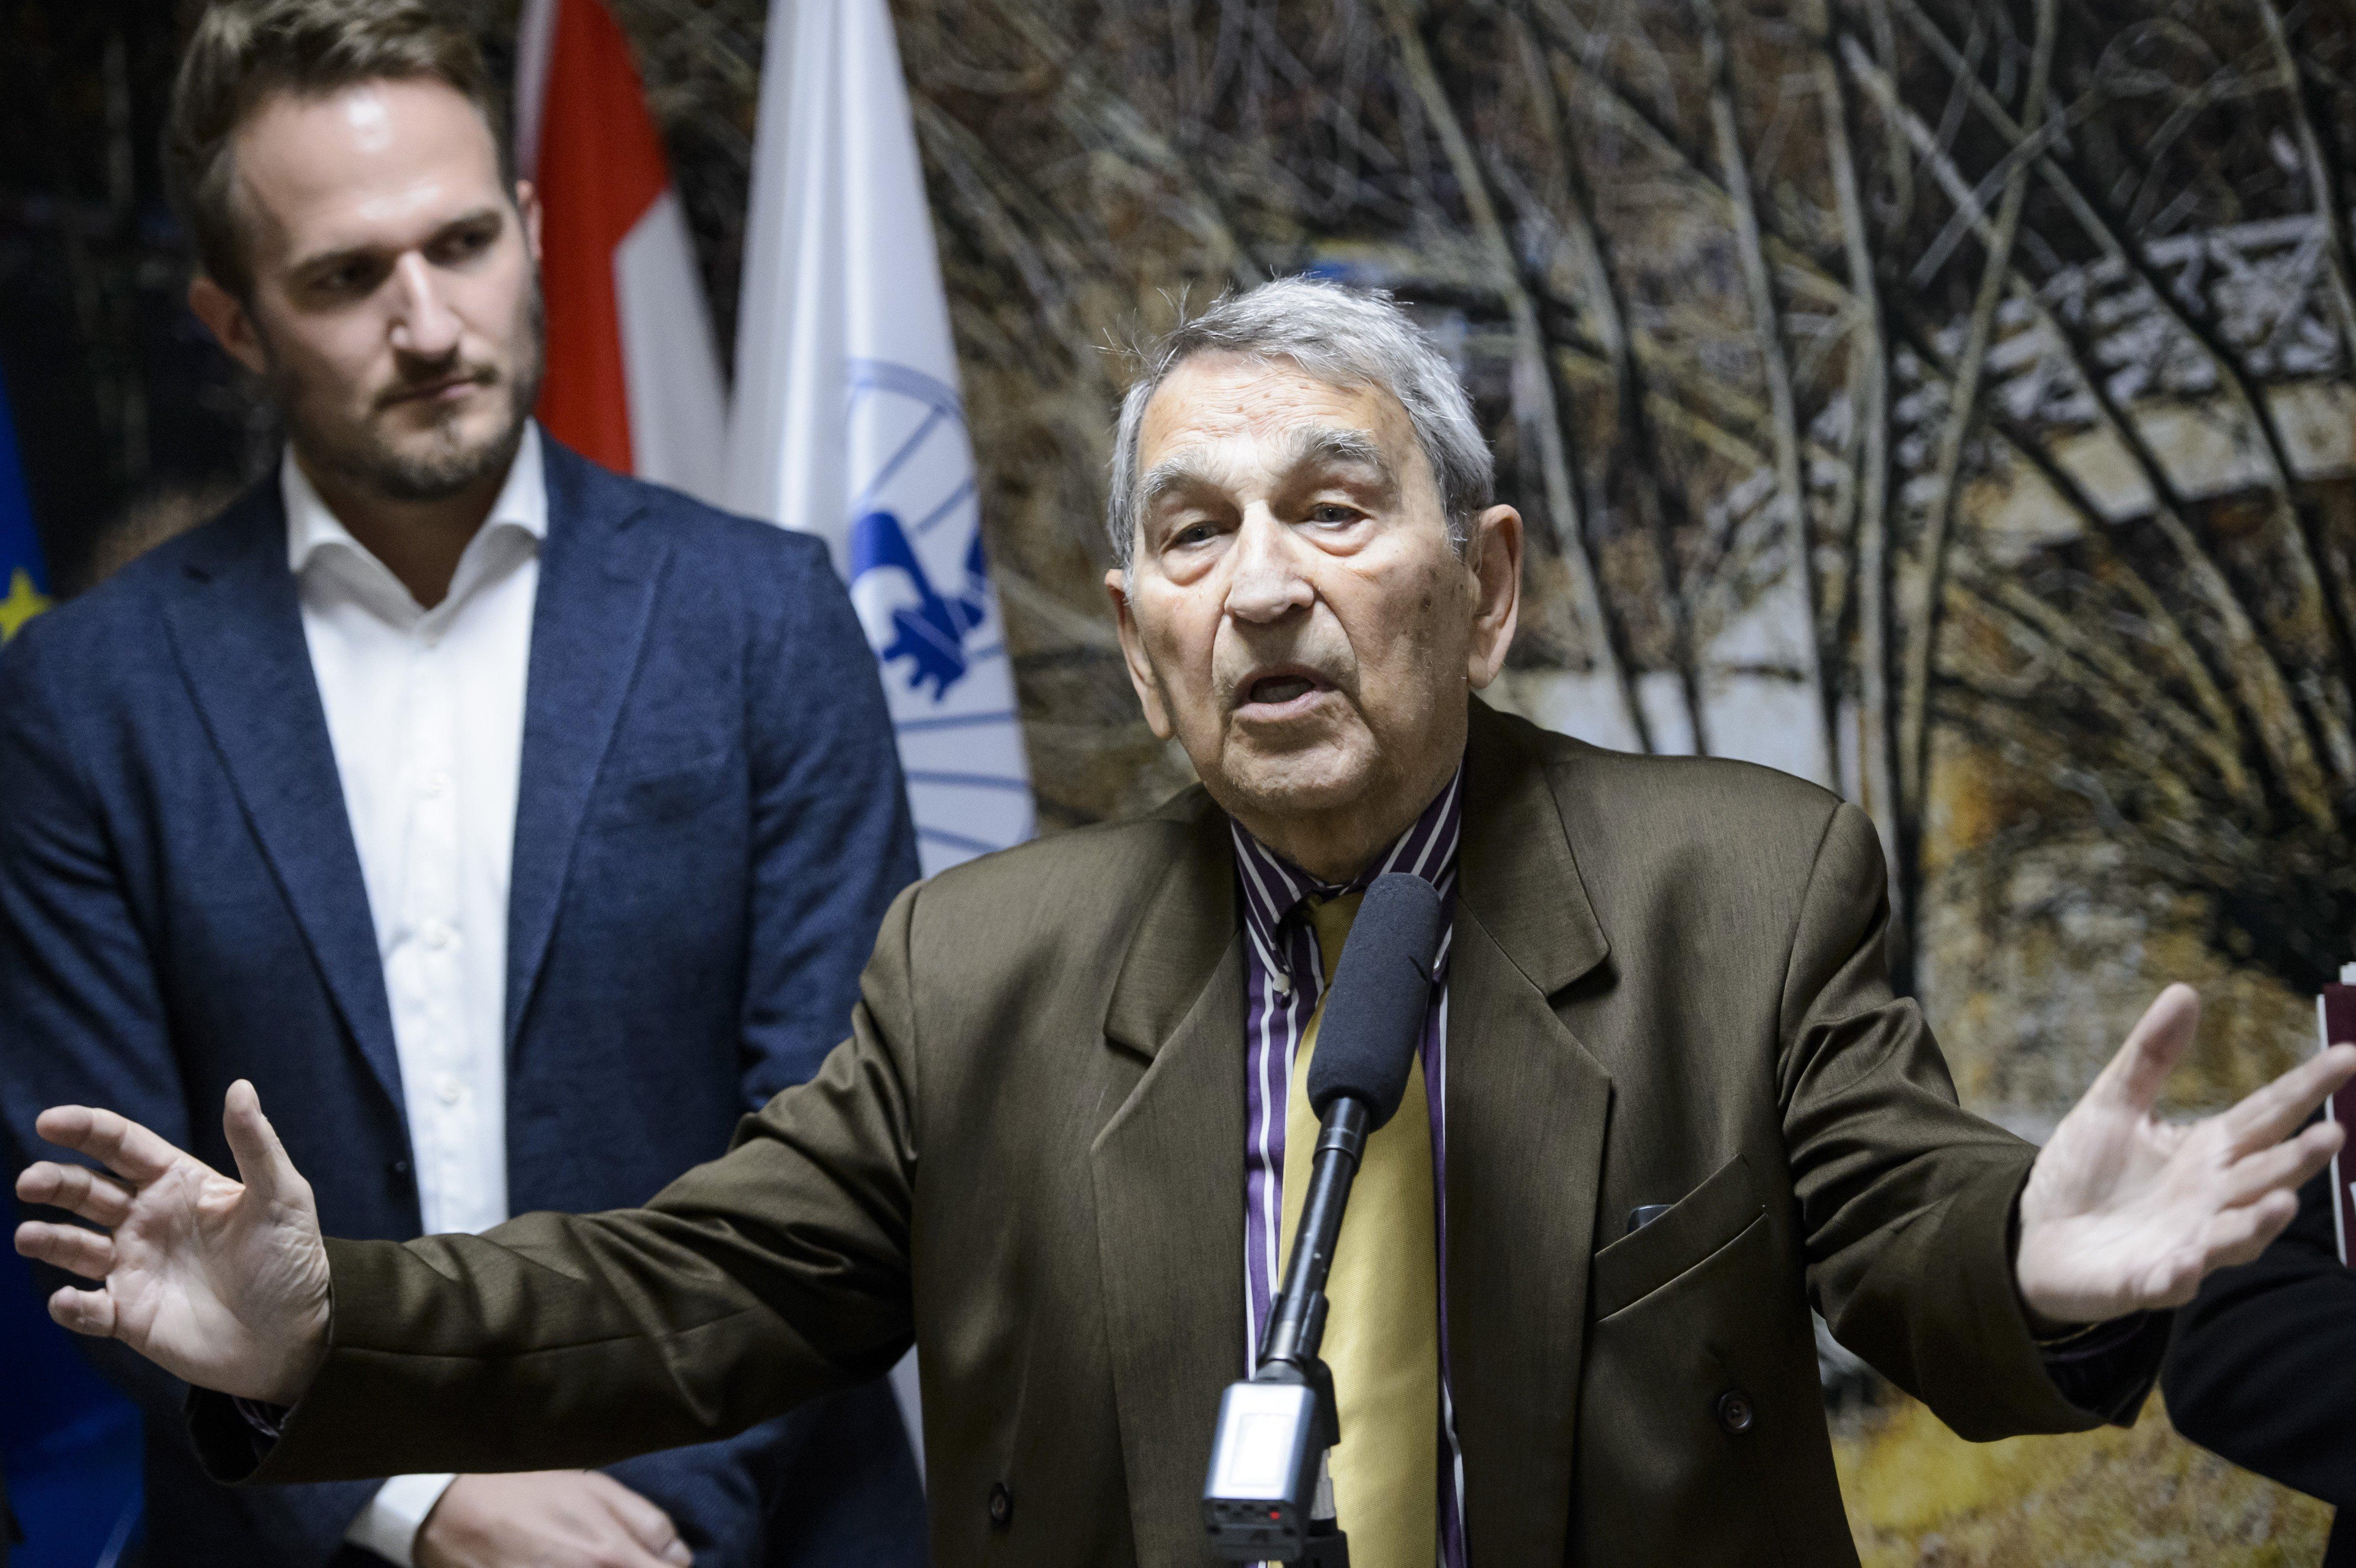 Elhunyt Hámori József biológus, az MTA egykori alelnöke